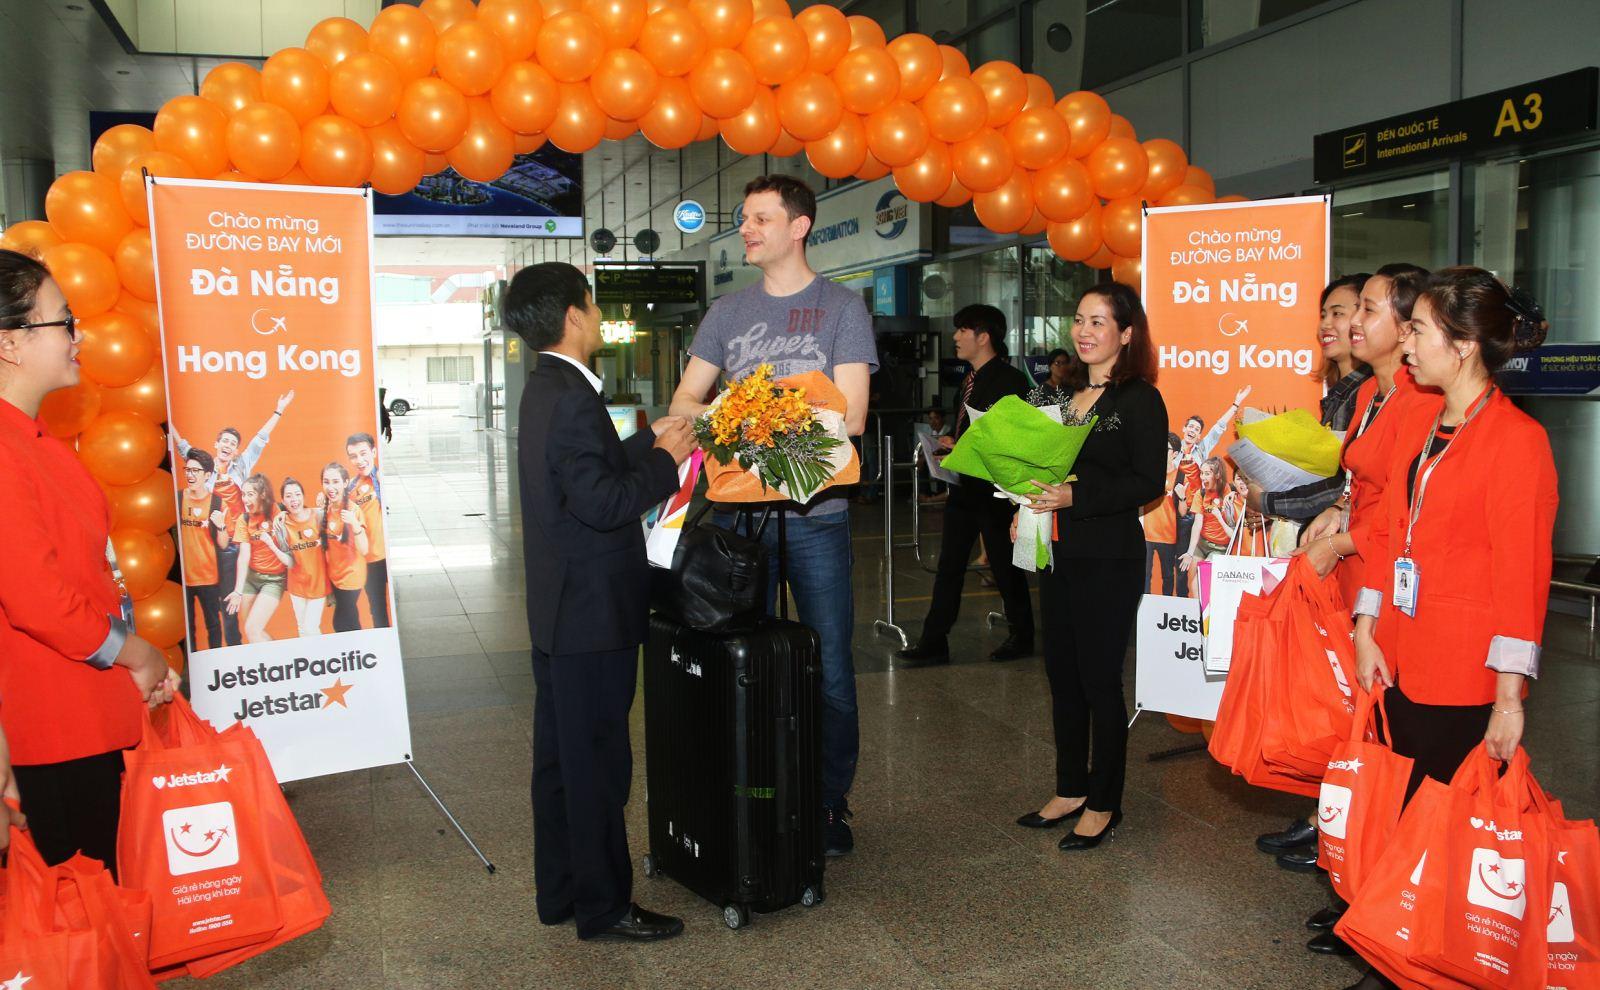 Đại diện hãng hàng không Jetstar tặng hoa chào mừng hành khách bay chuyến đầu tiên từ Đà Nẵng đi Hồng Kông